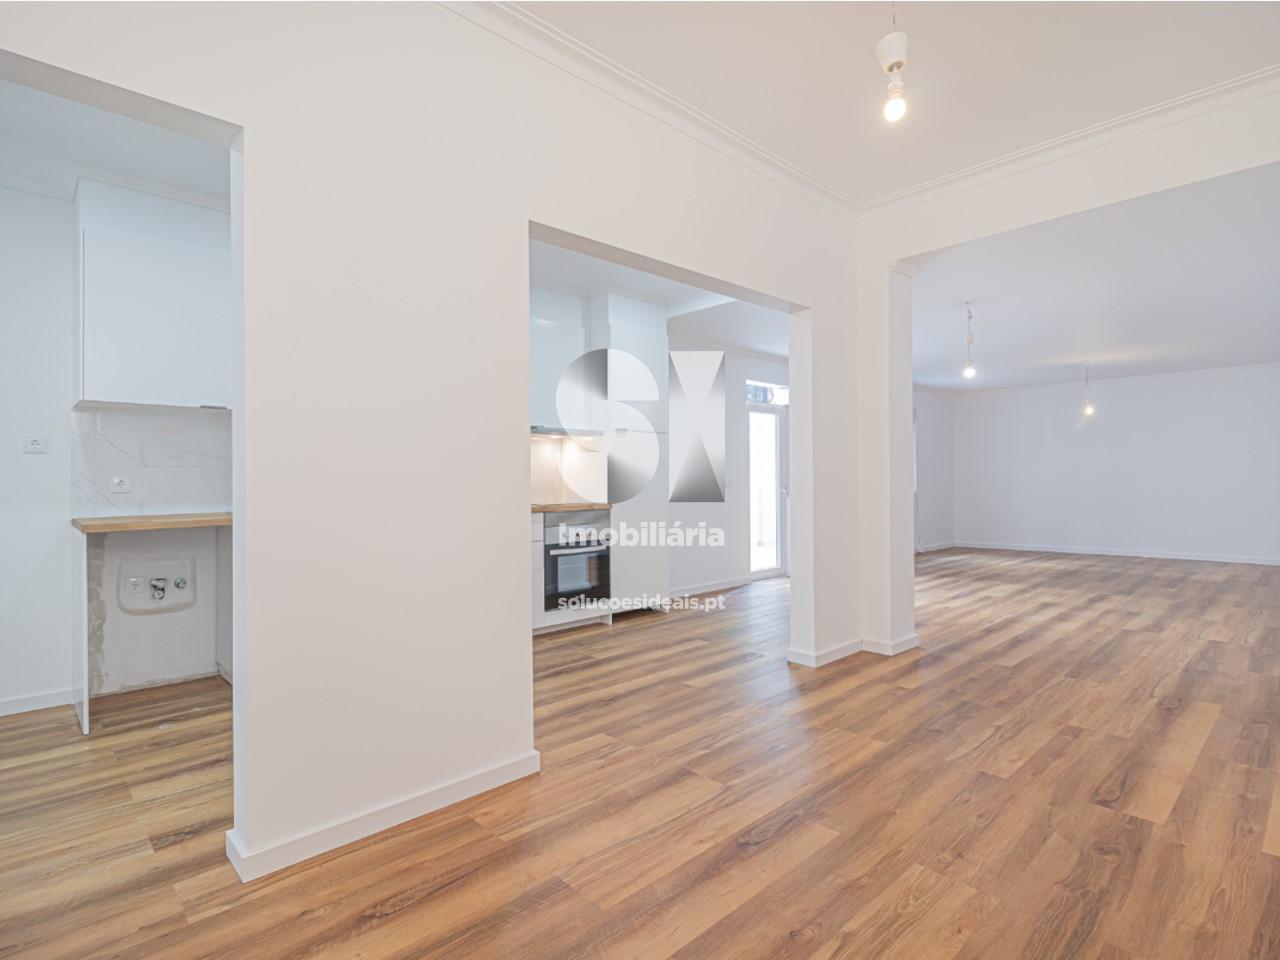 apartamento t3 para compra em sintra uniao das freguesias de agualva e mirasintra LVASL311